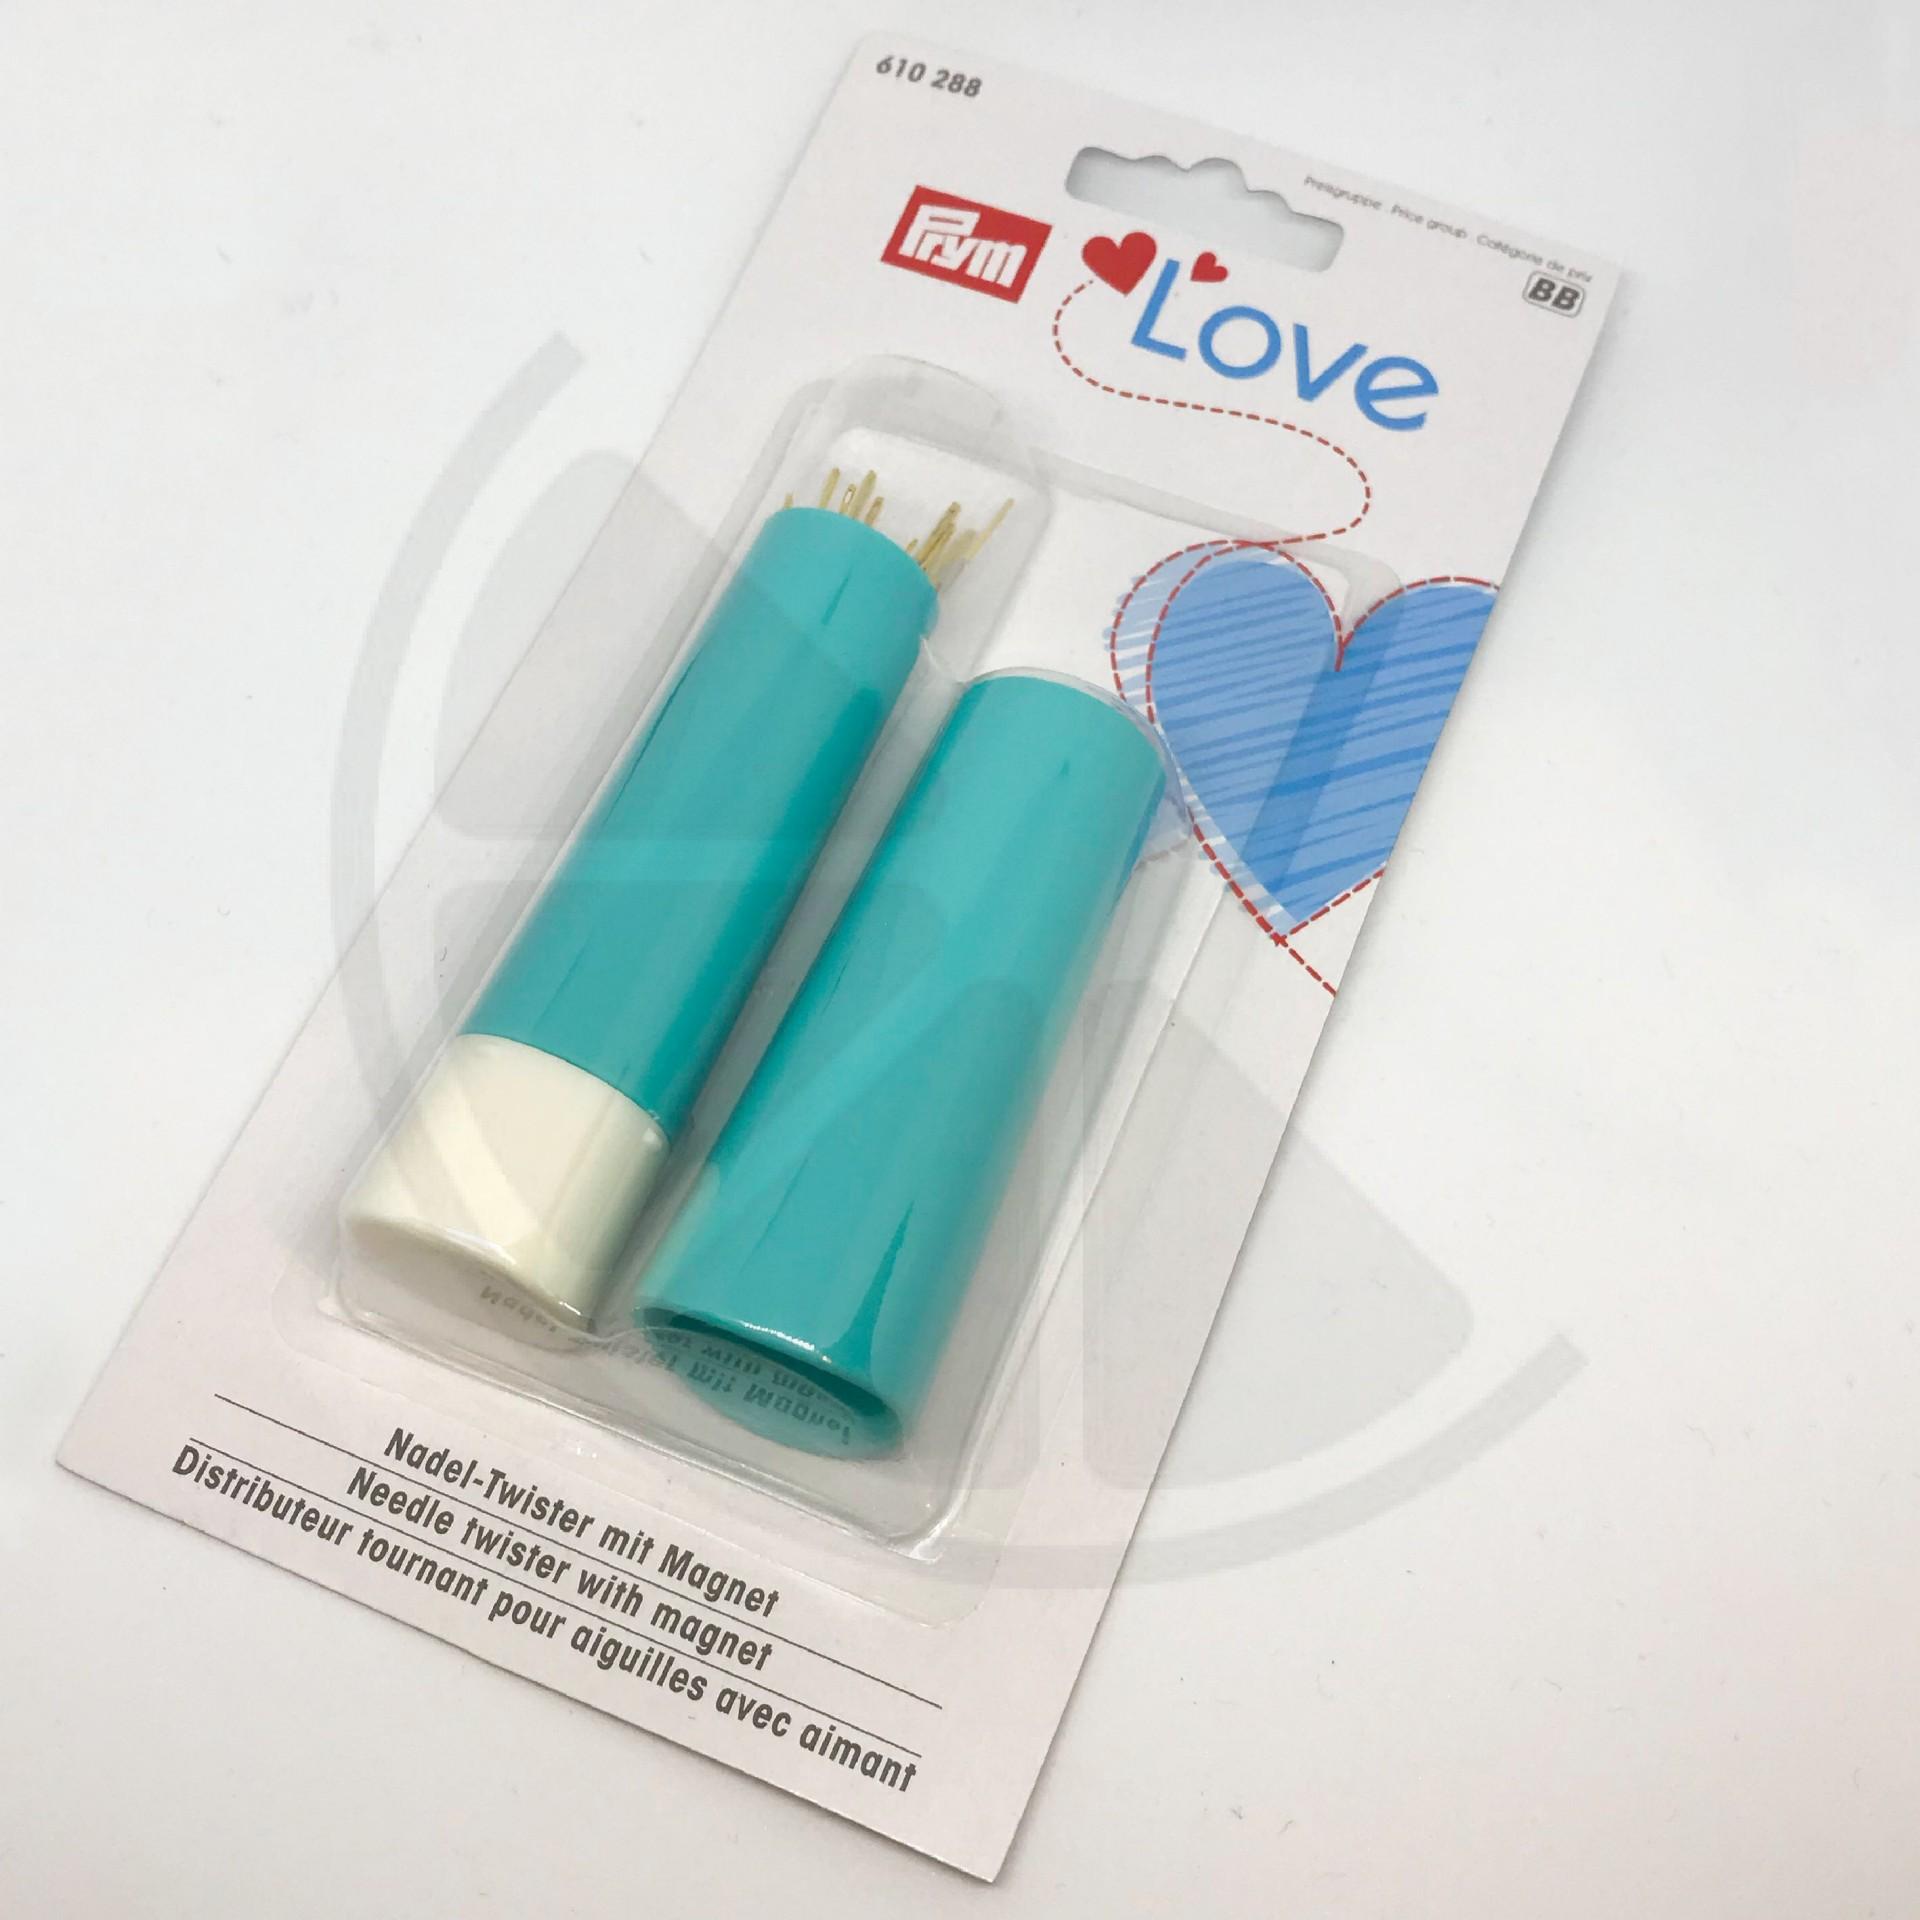 Porta agulhas rotativo Prym Love